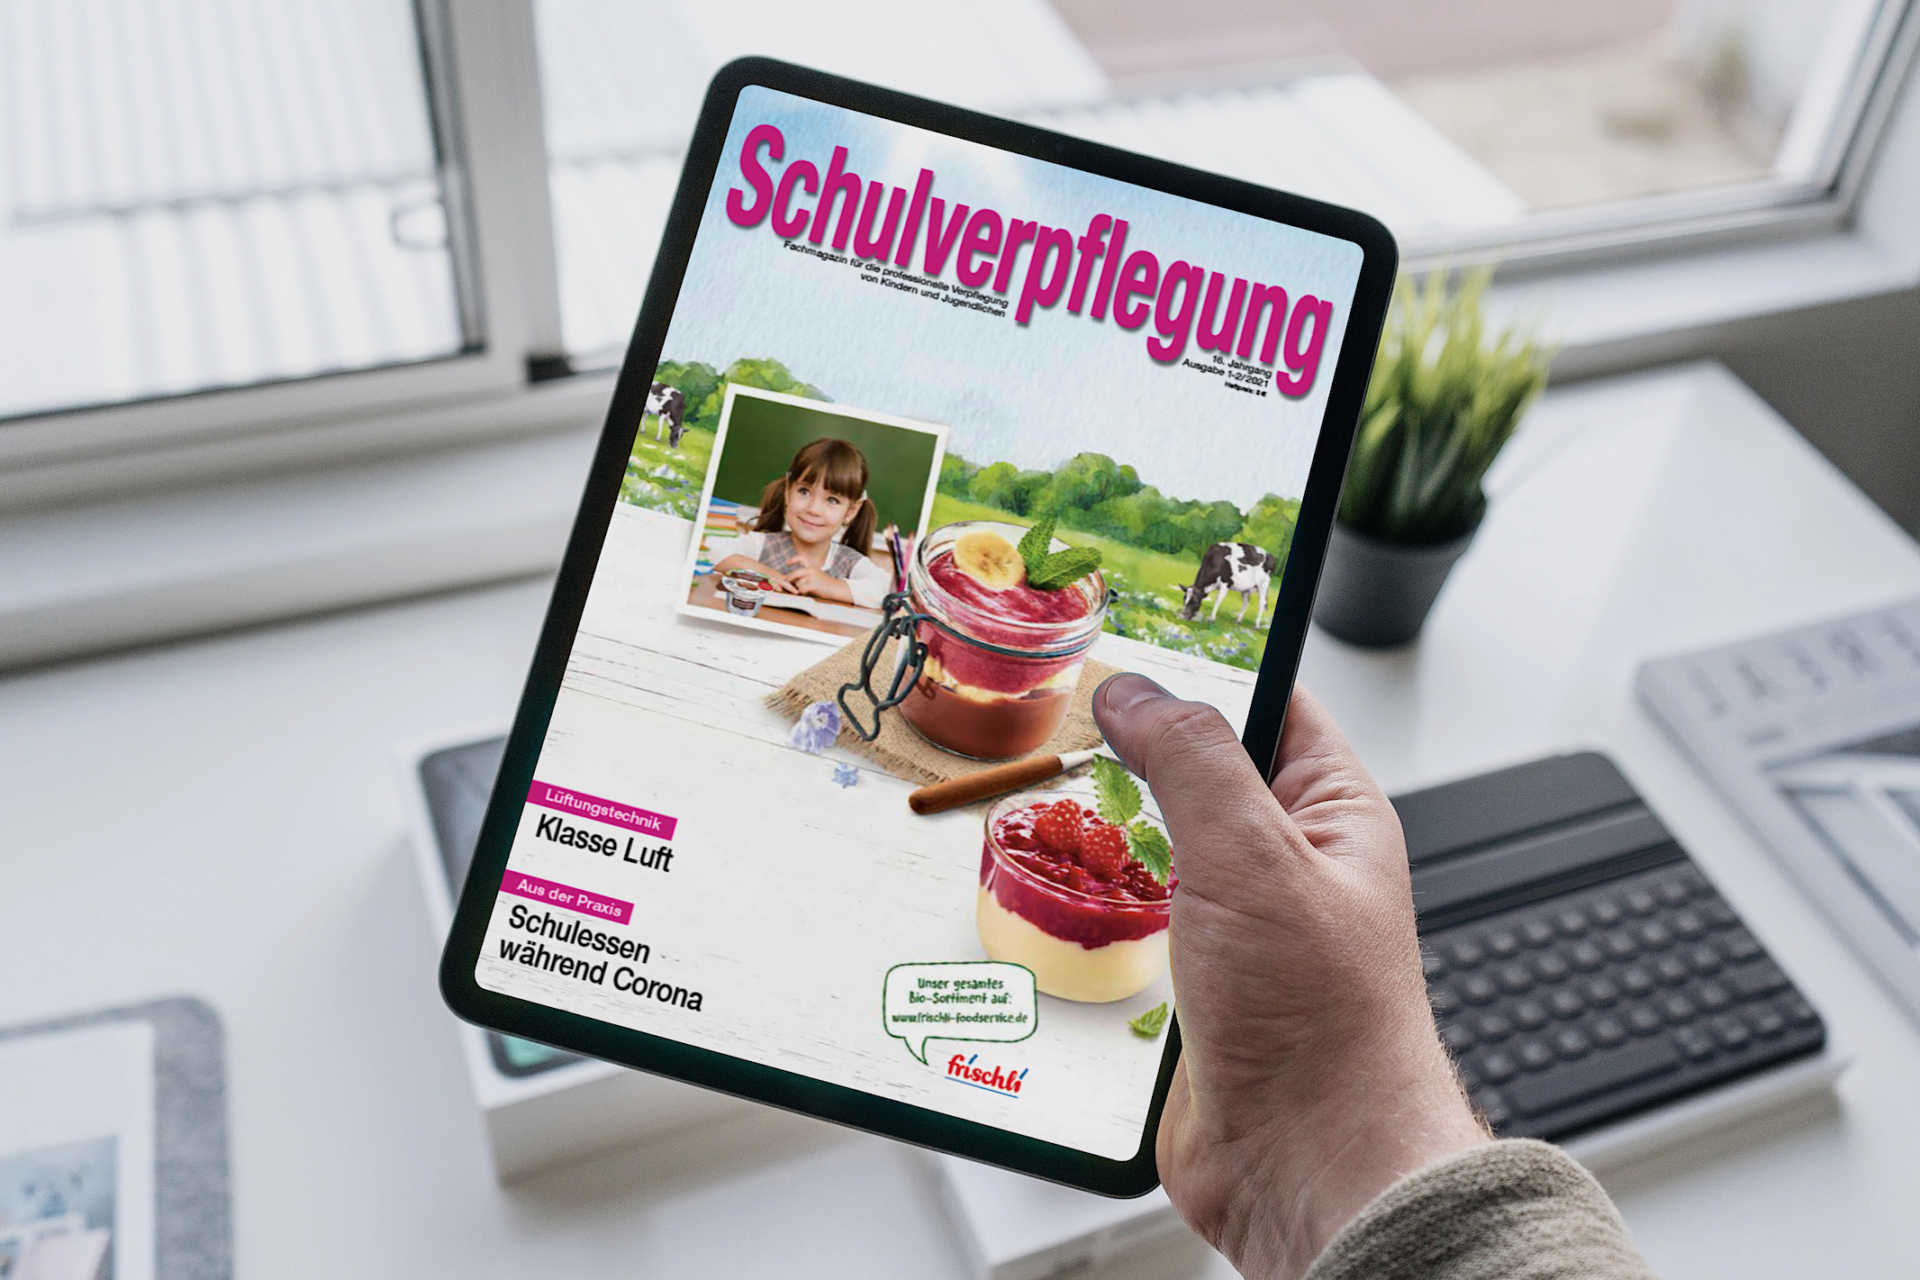 https://www.vdskc.de/wp-content/uploads/2021/05/Schulverpflegung_Tablet-1920x1280.png